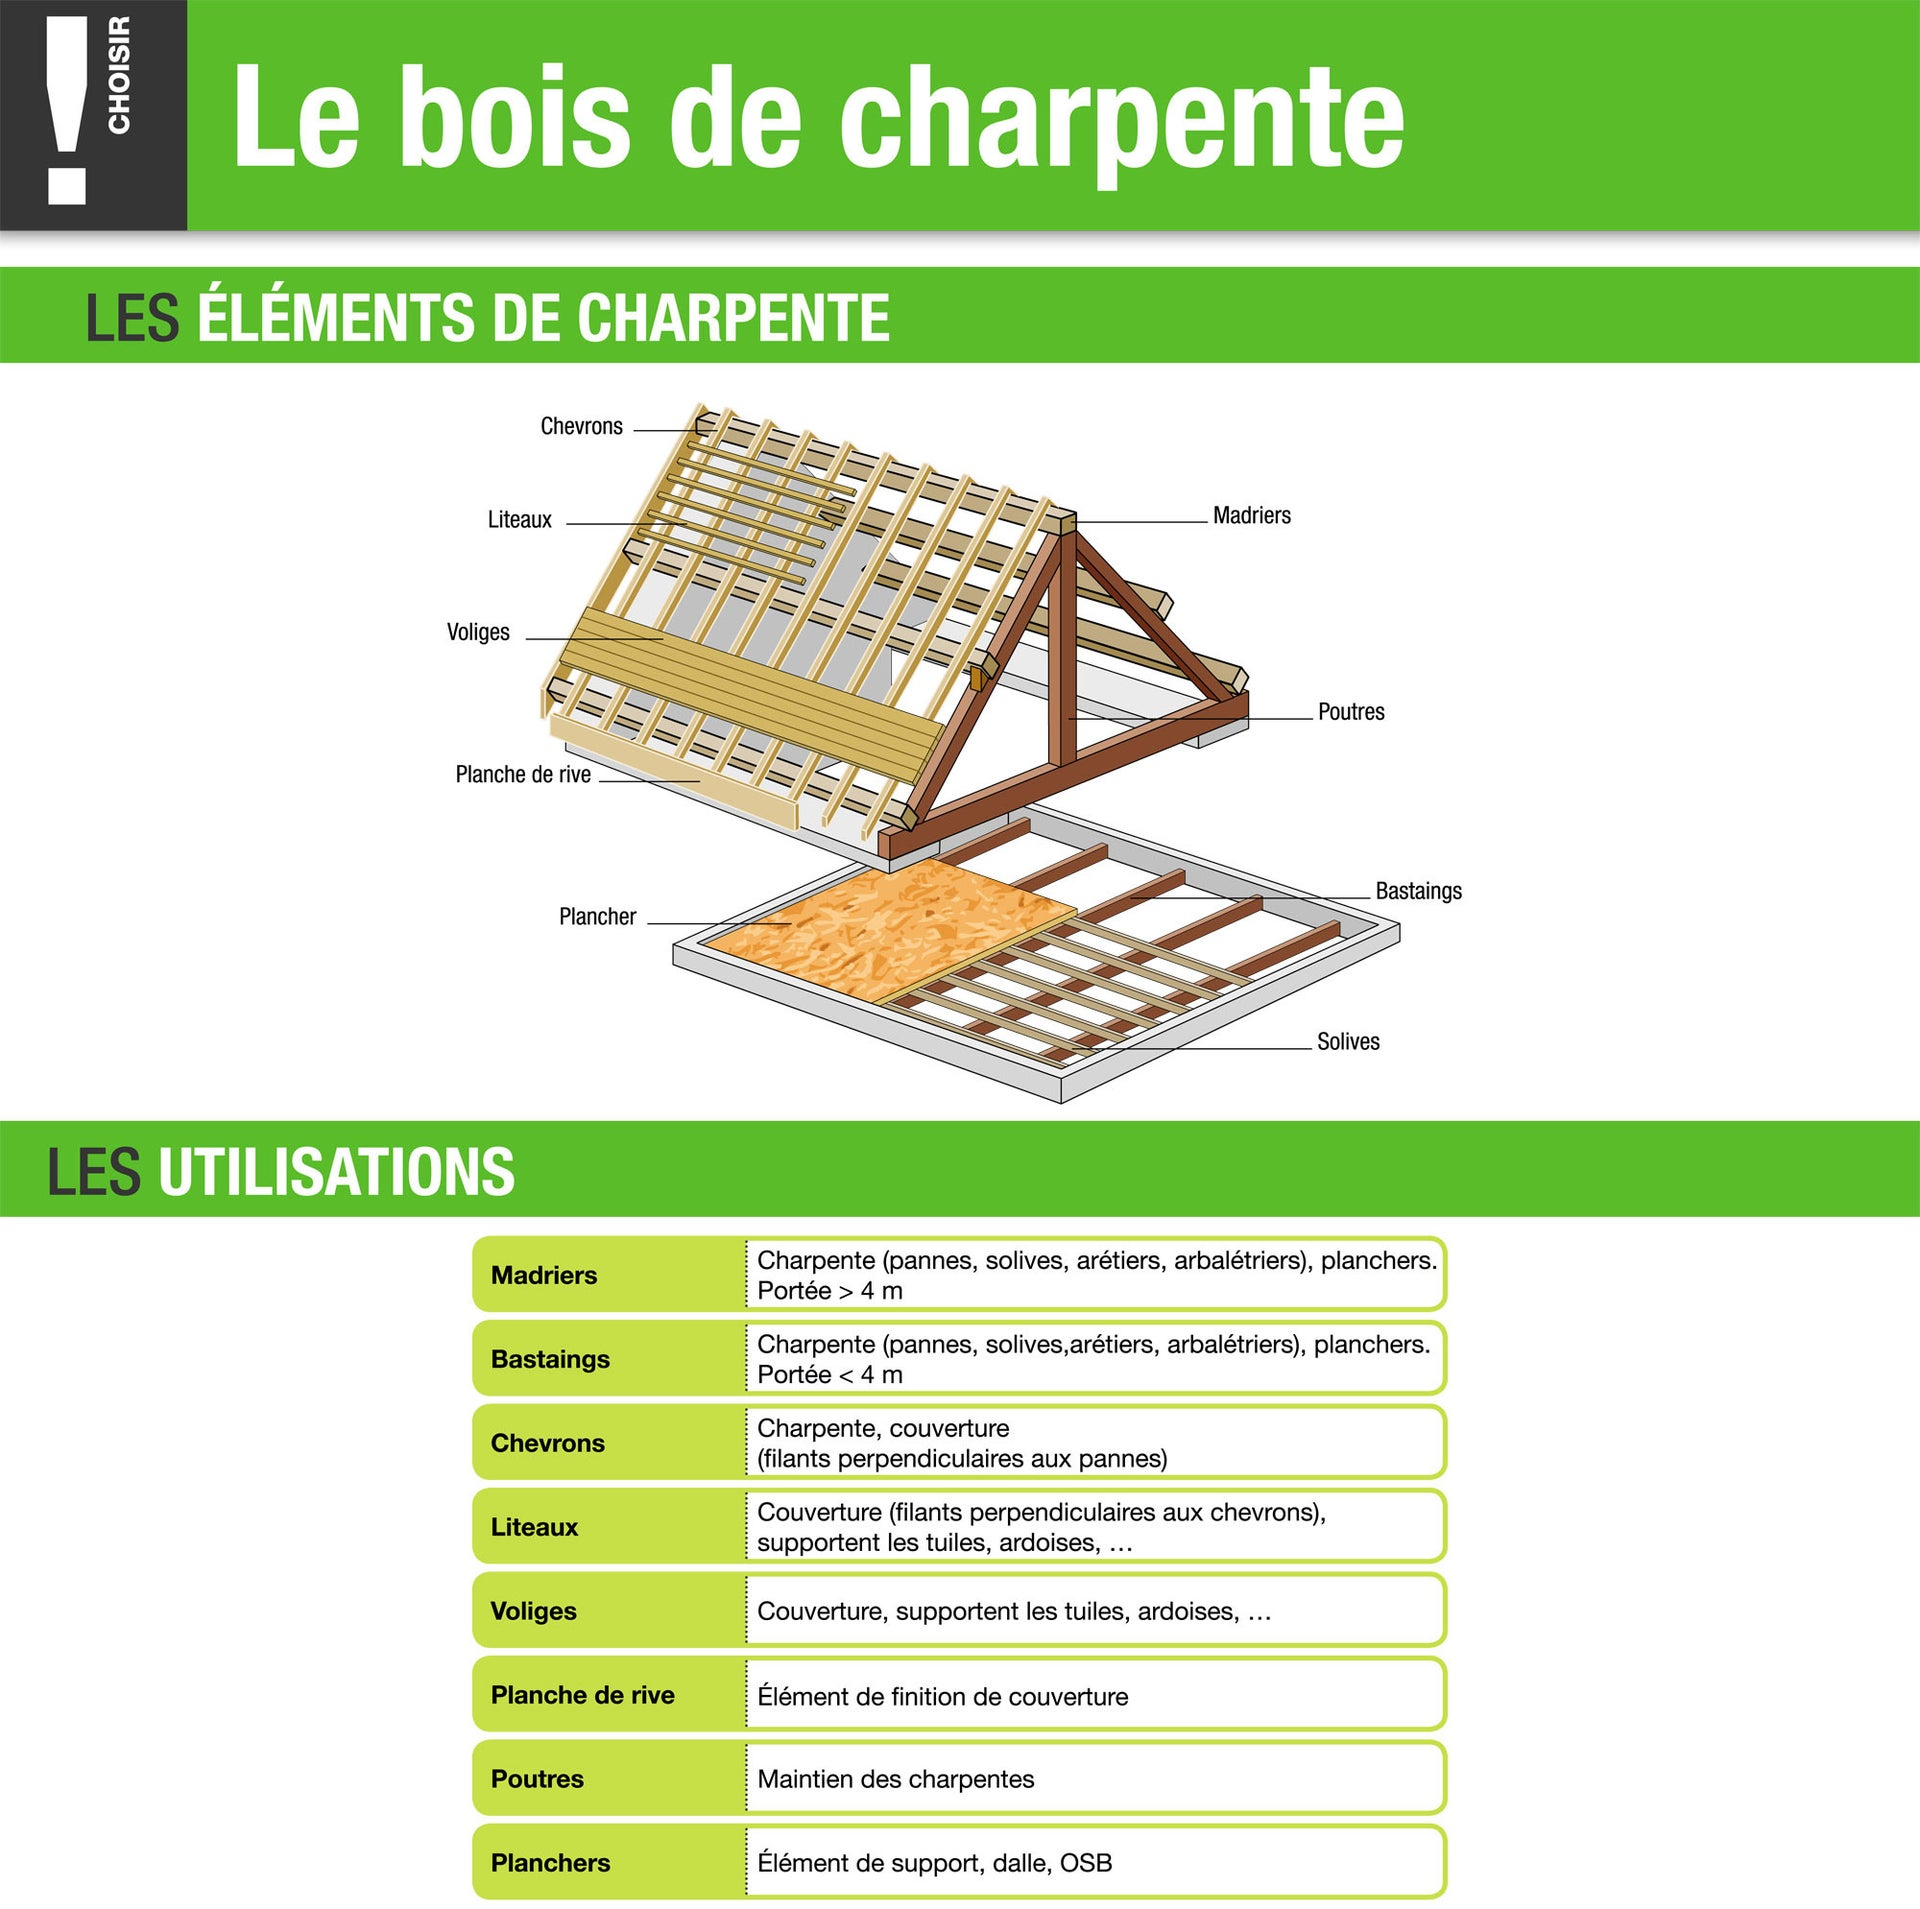 Madrier Sapin Epicea Traite 75x225 Mm Longueur 5 M Choix 2 Classe 2 Leroy Merlin